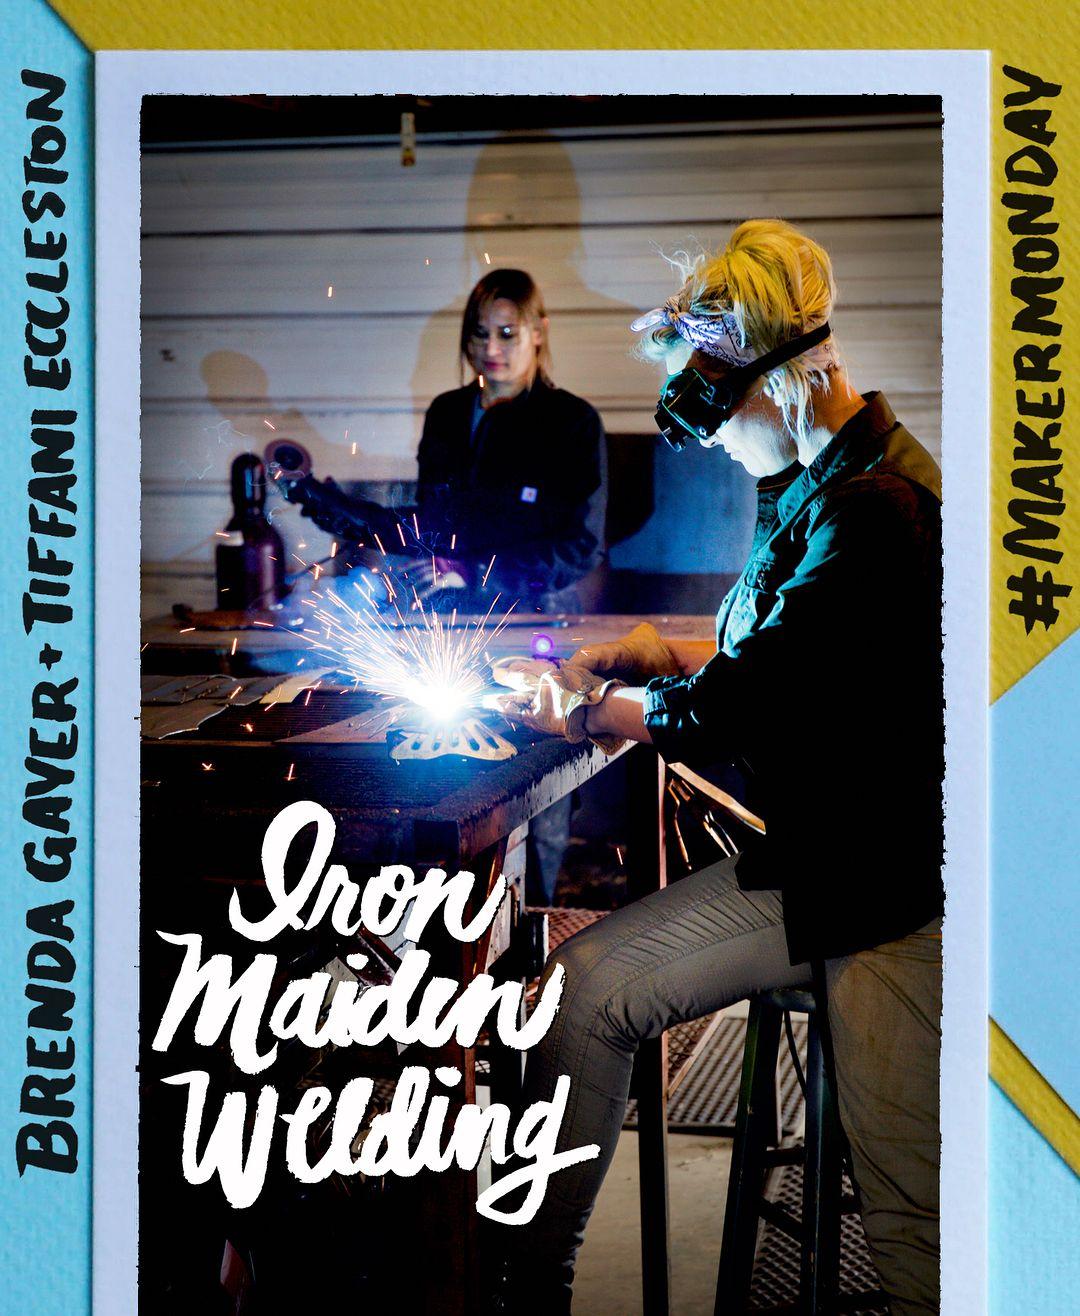 Iron Maiden Welding, a small business in Bozeman, Montana